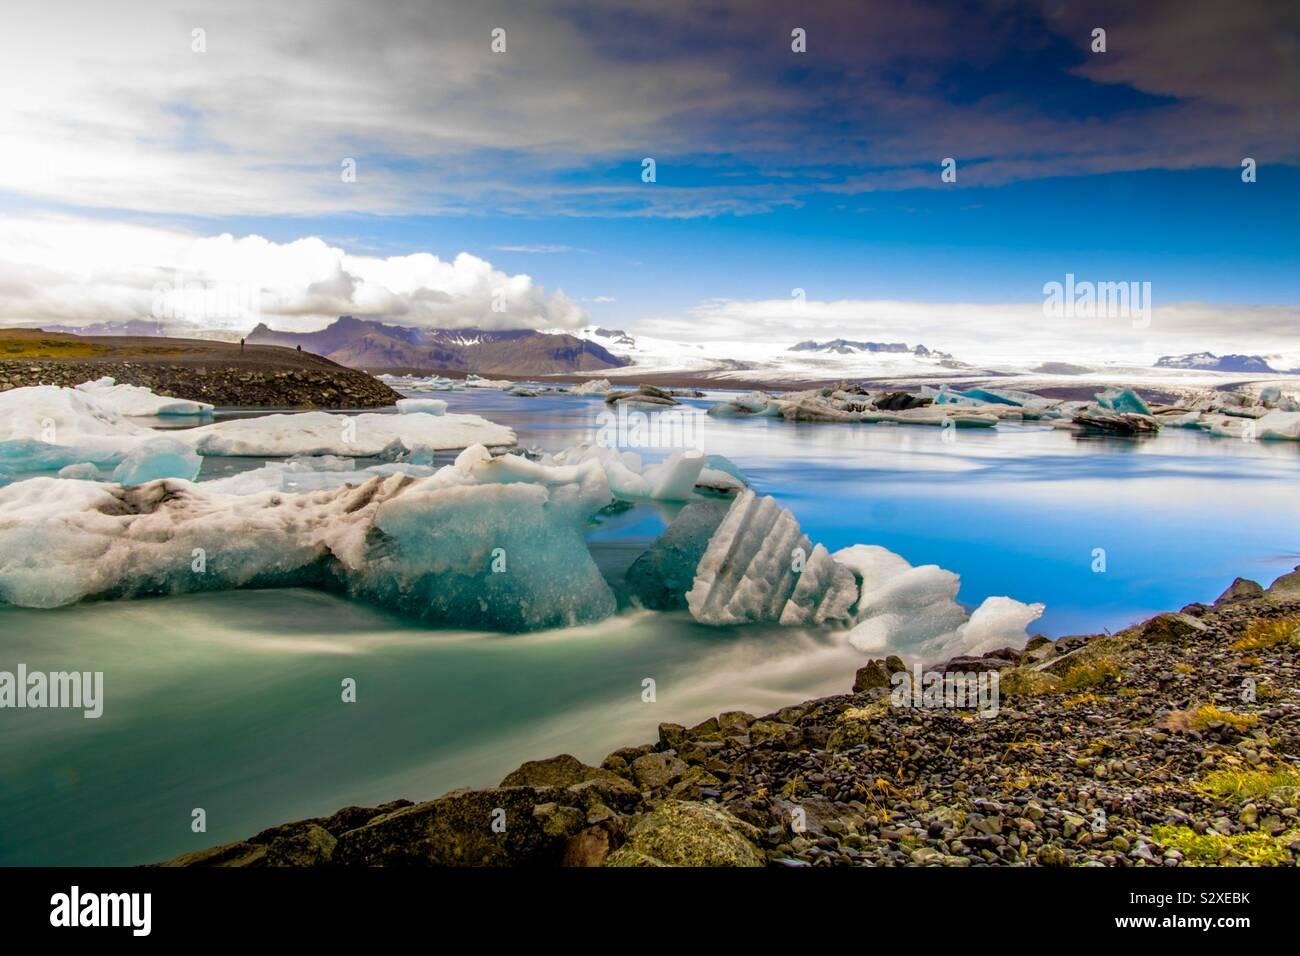 Une longue exposition d'une lagune en Islande avec plaques de glace flottante Banque D'Images